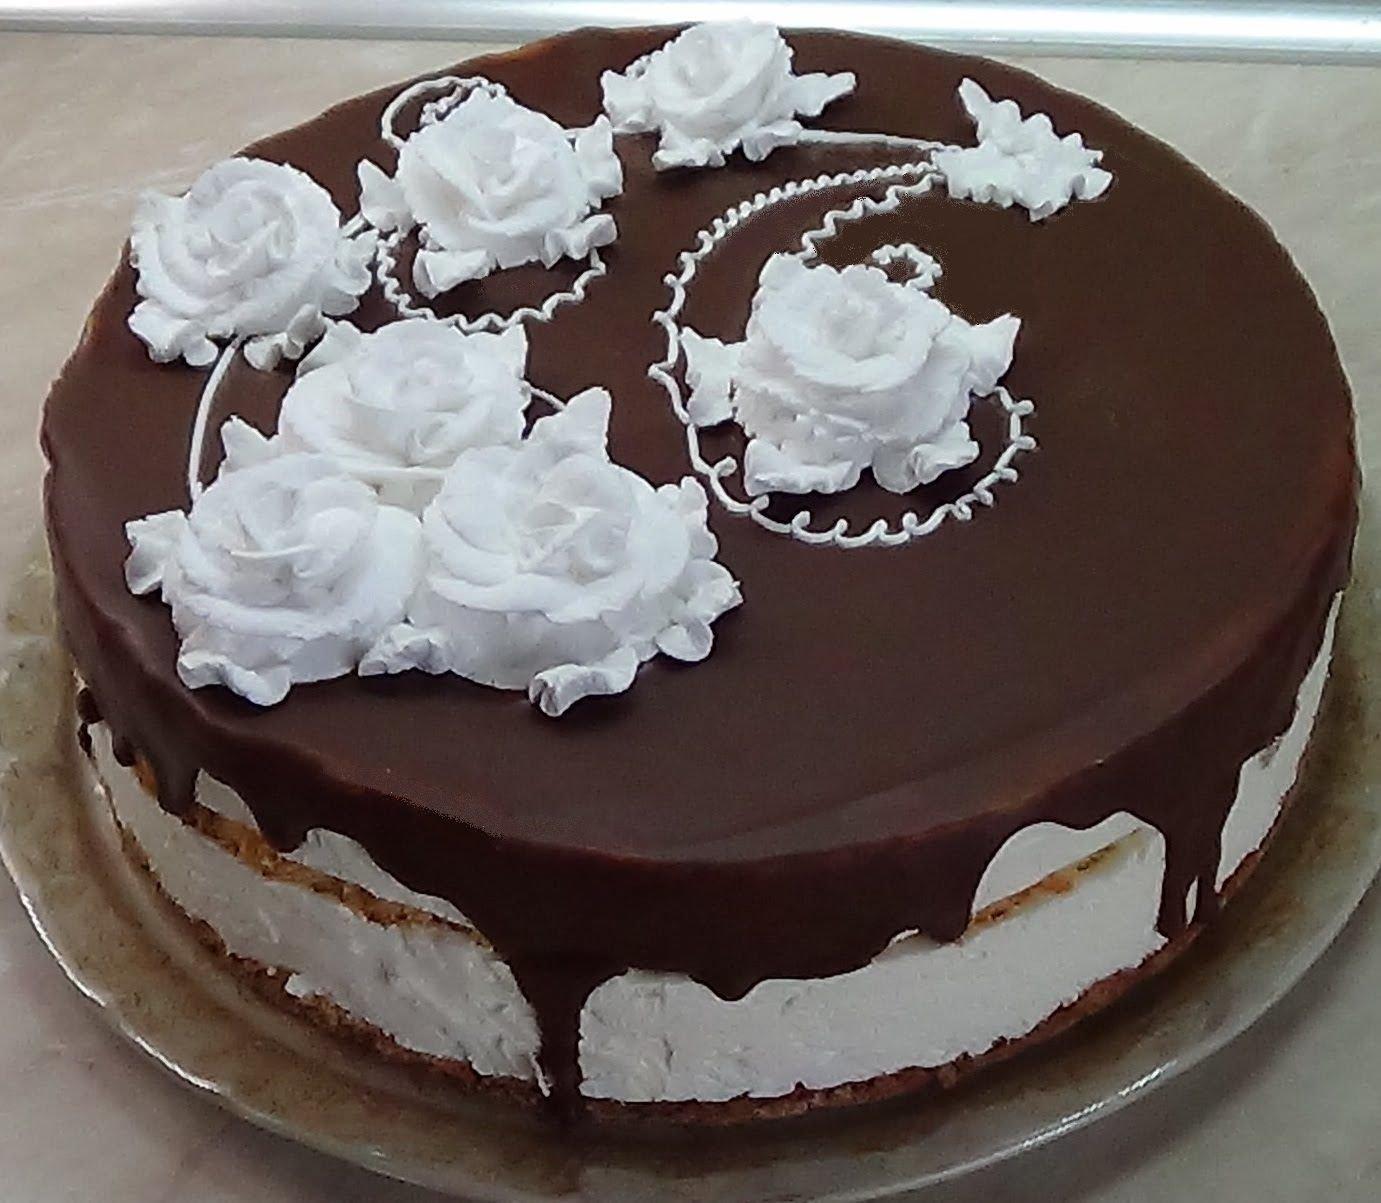 лобби имеется как делают торт с фотографией окон большей части